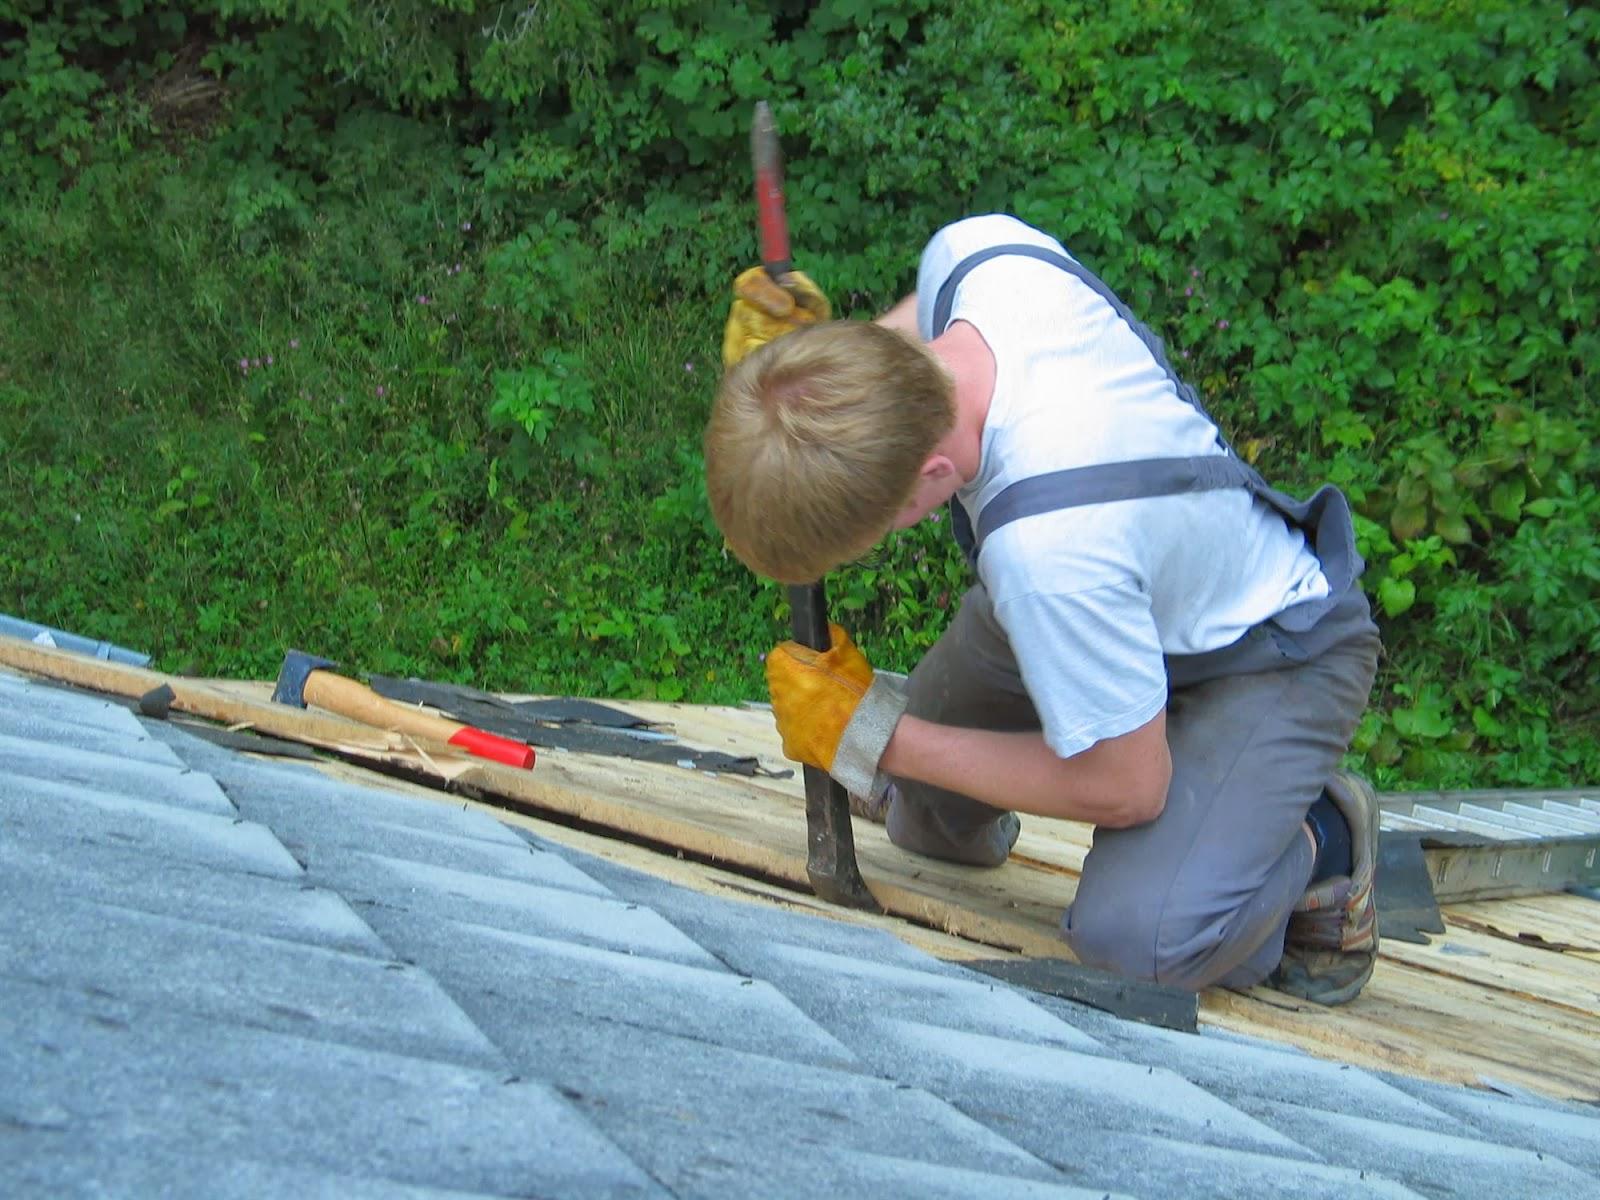 Delovna akcija - Streha, Črni dol 2006 - streha%2B031.jpg